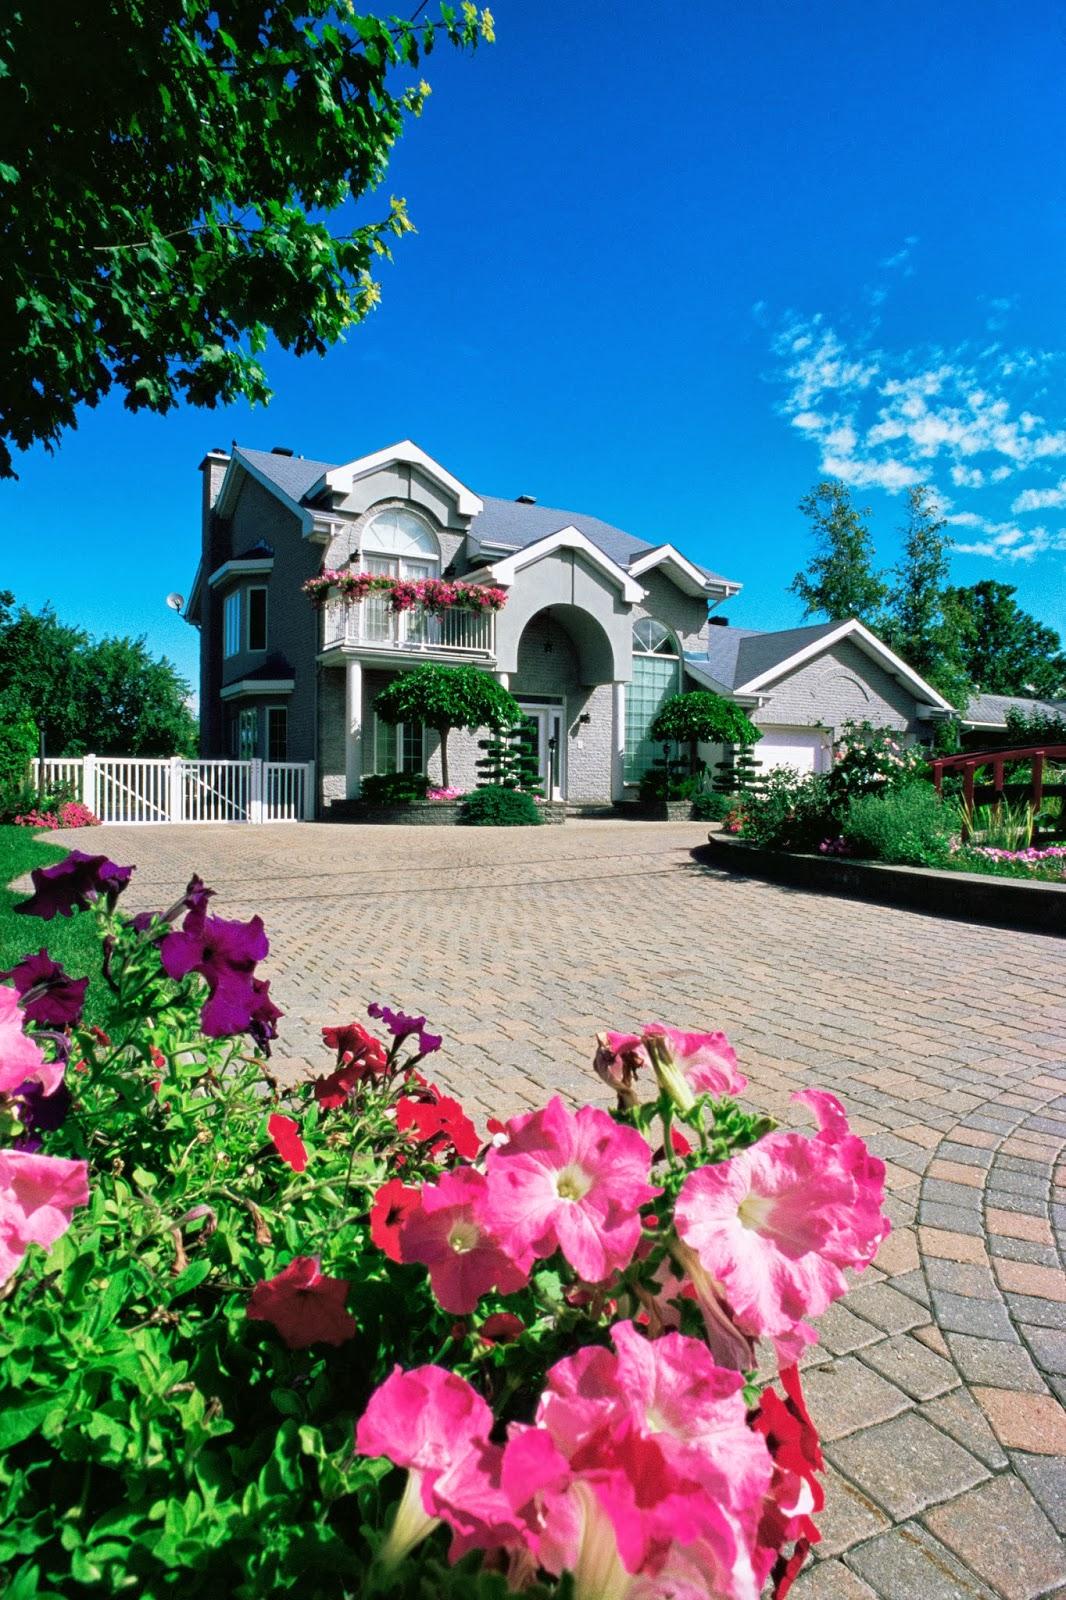 Banco de im genes 12 fotos gratis de casas residencias for Imagenes de jardines de casas